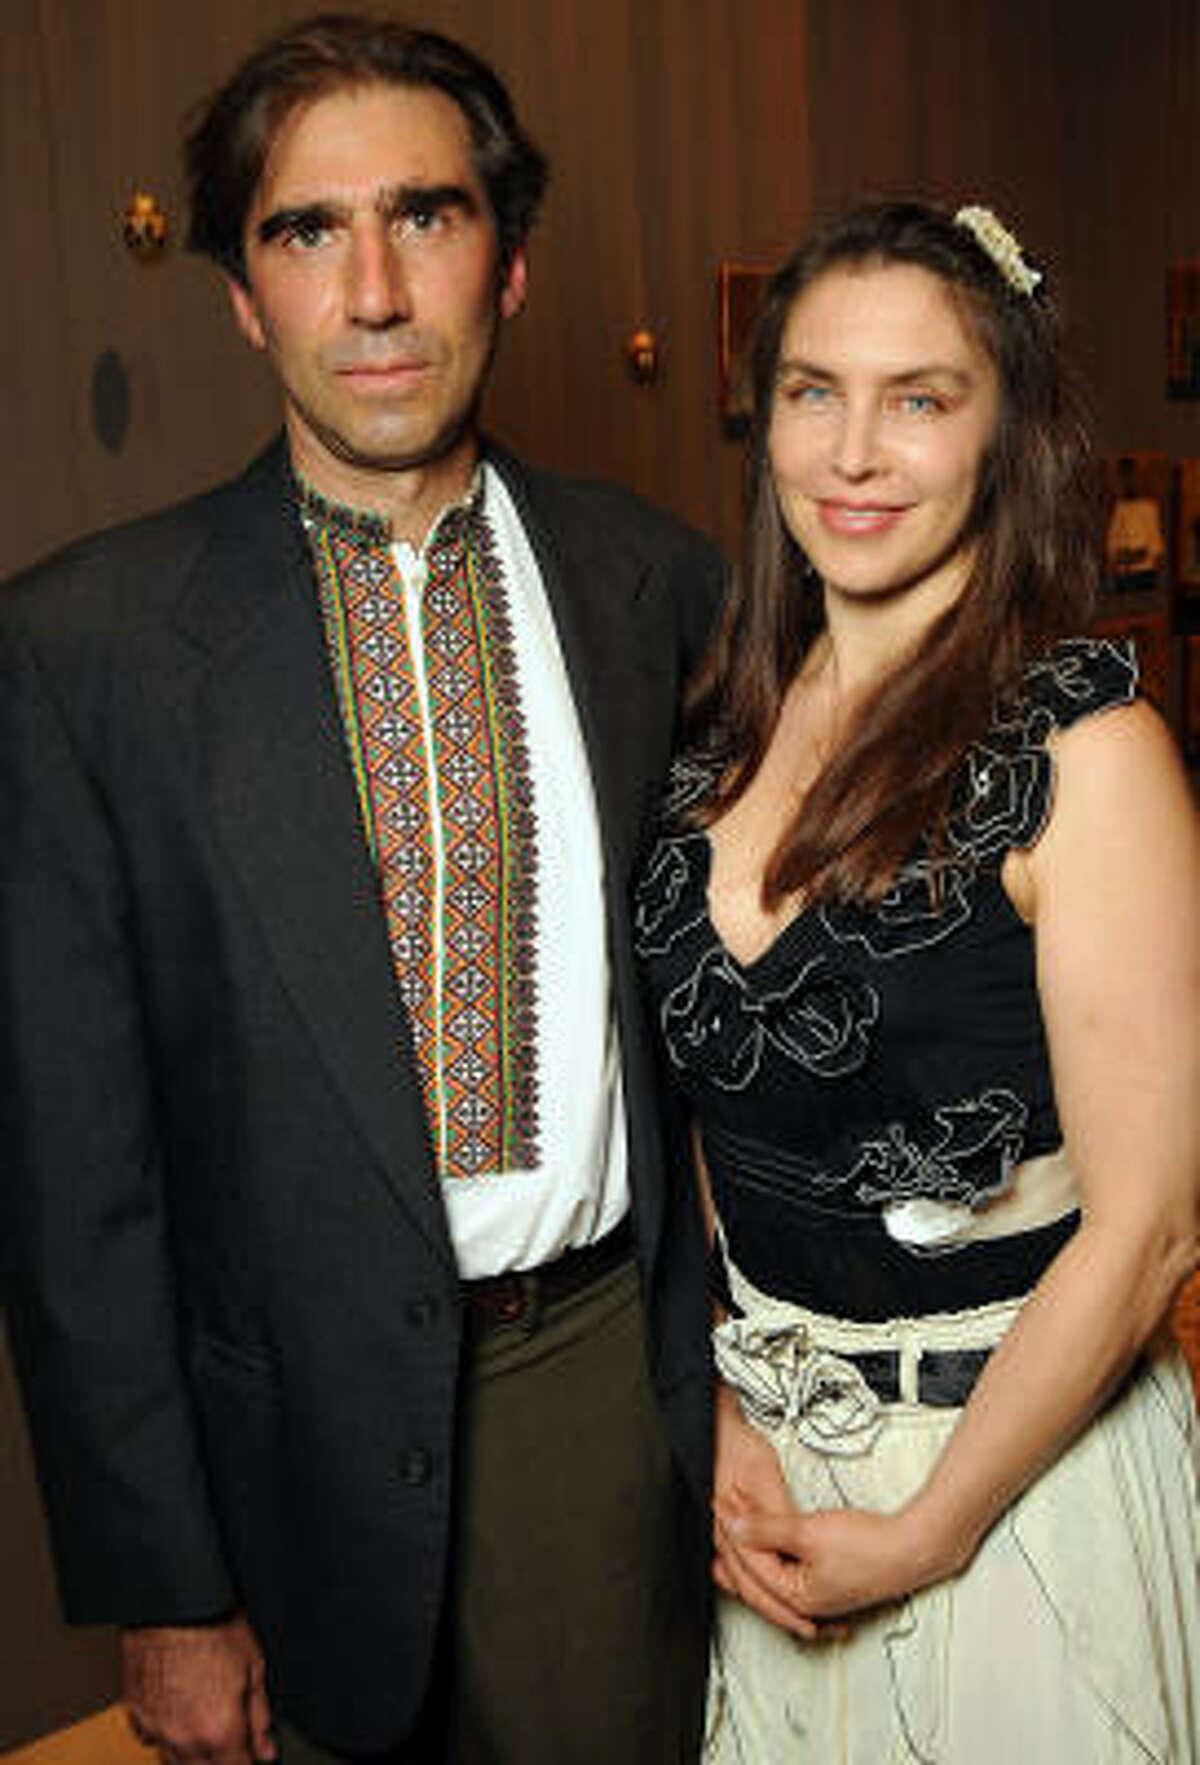 Nestor Topchy and Mariana Lemesoff